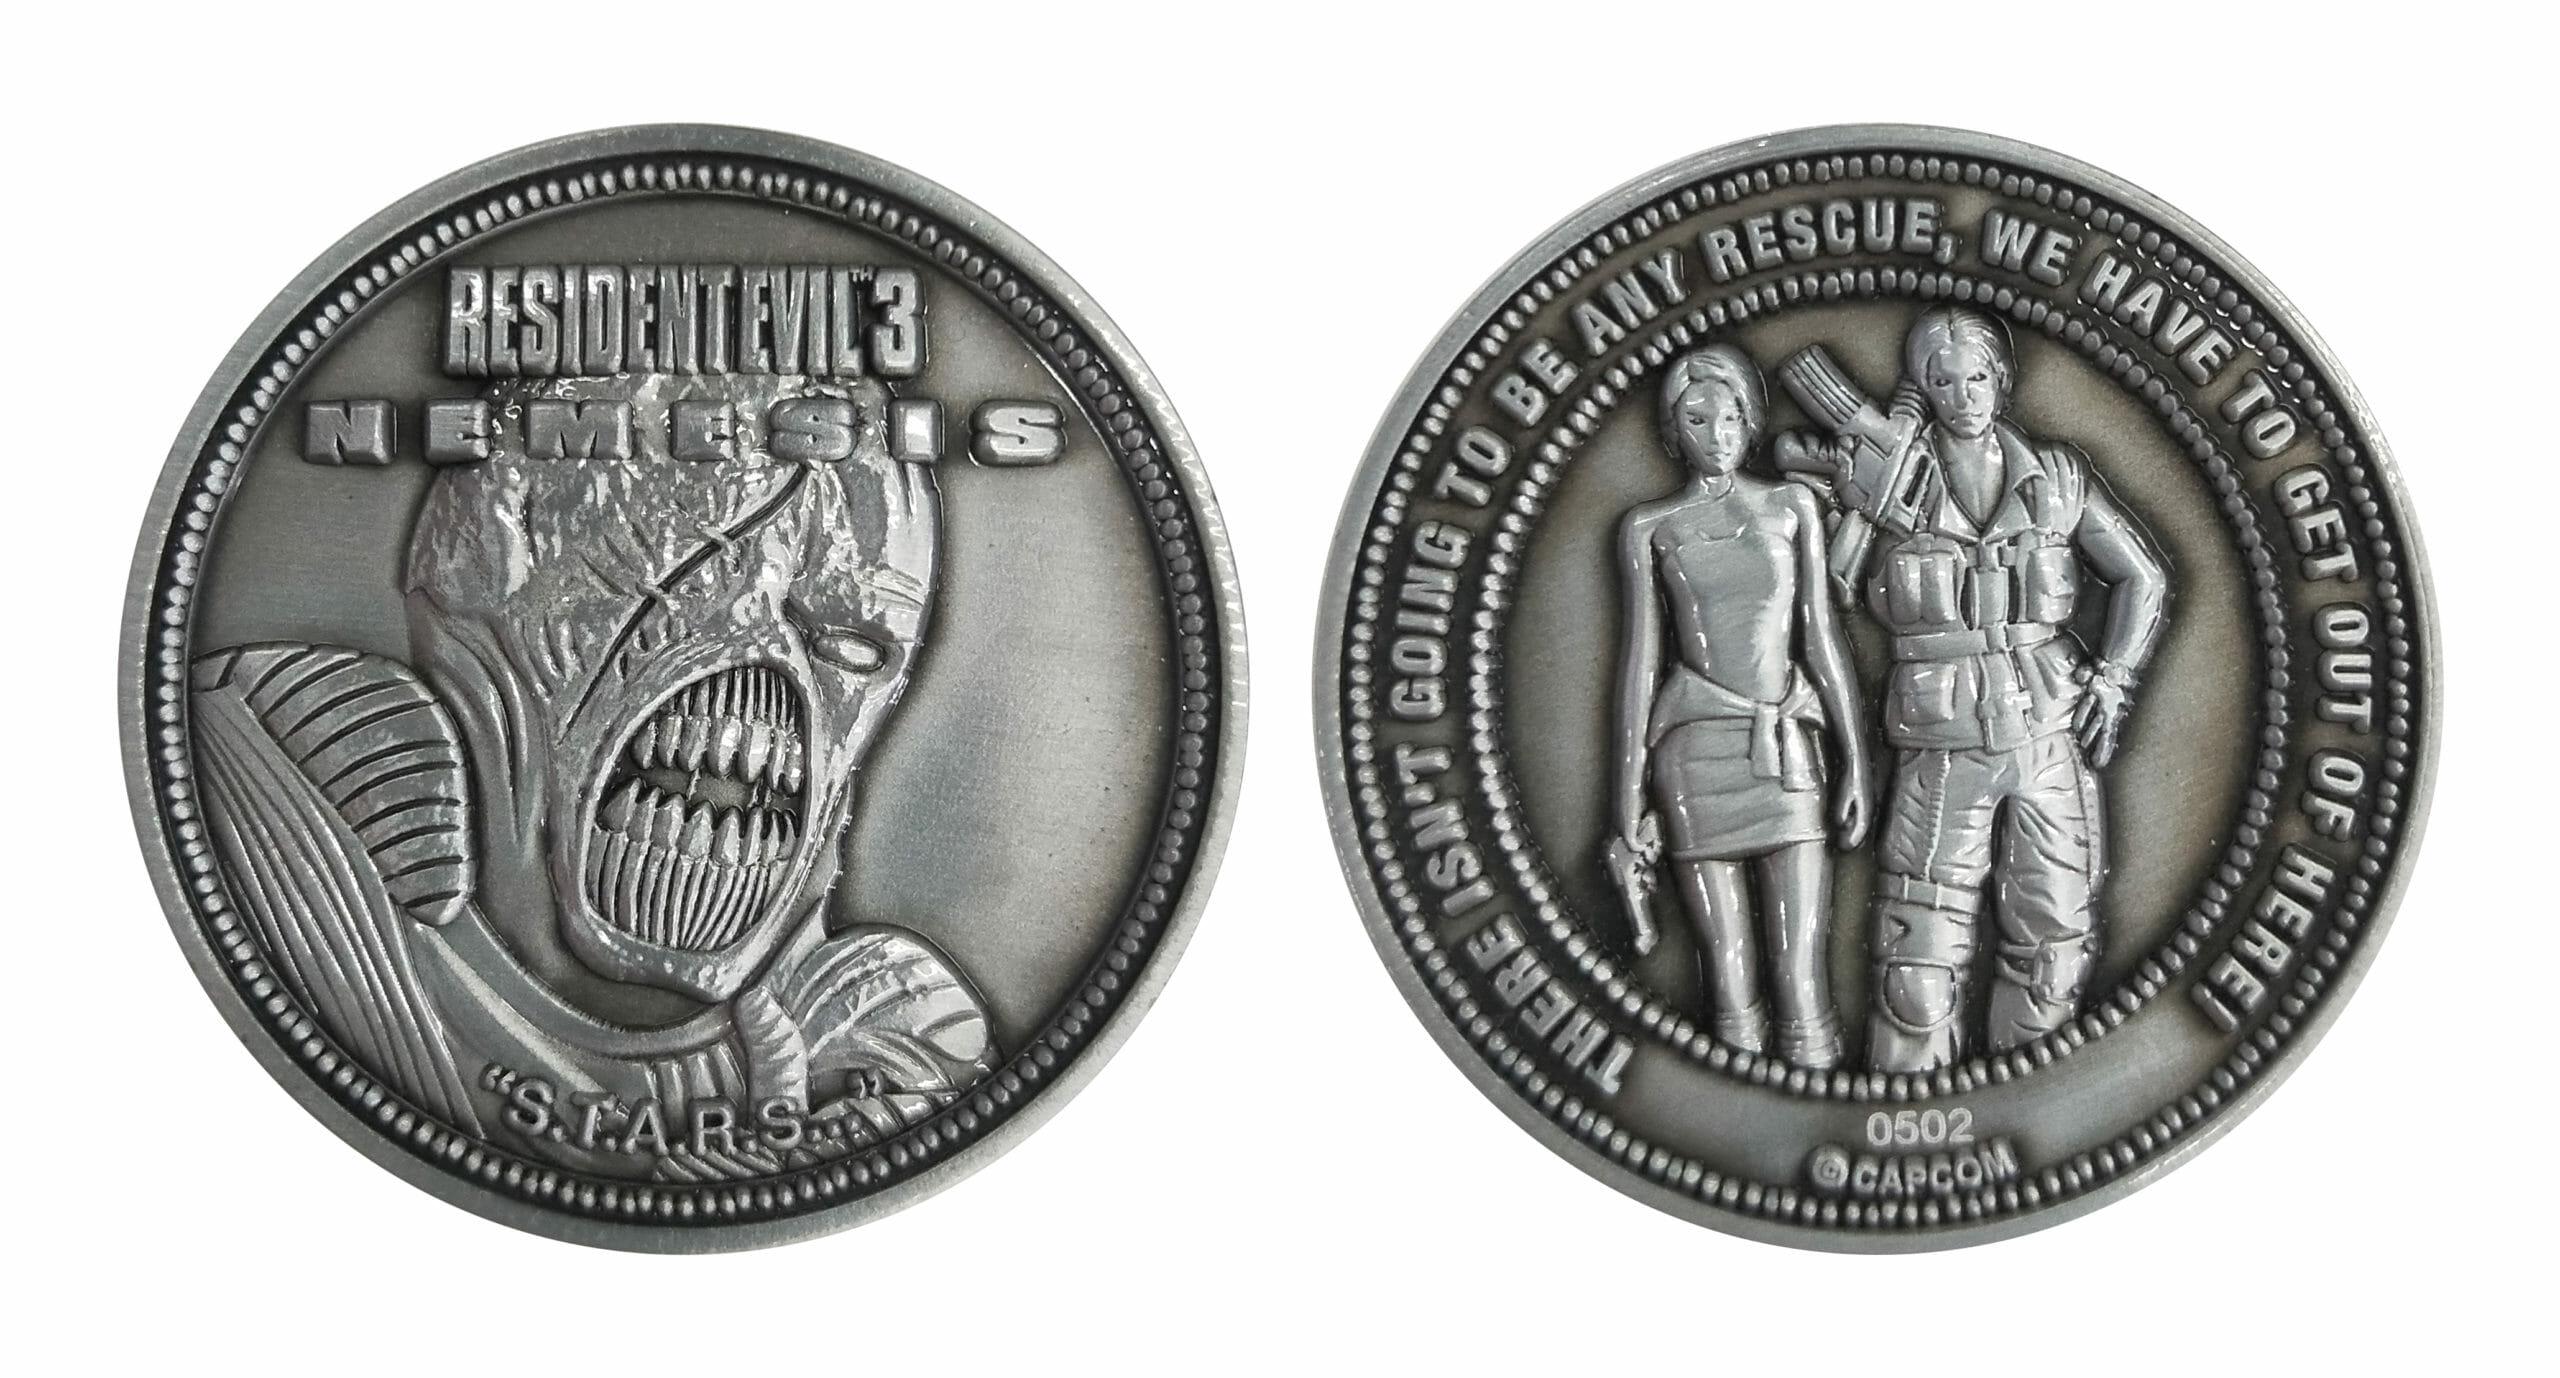 Resident Evil 3 Coin